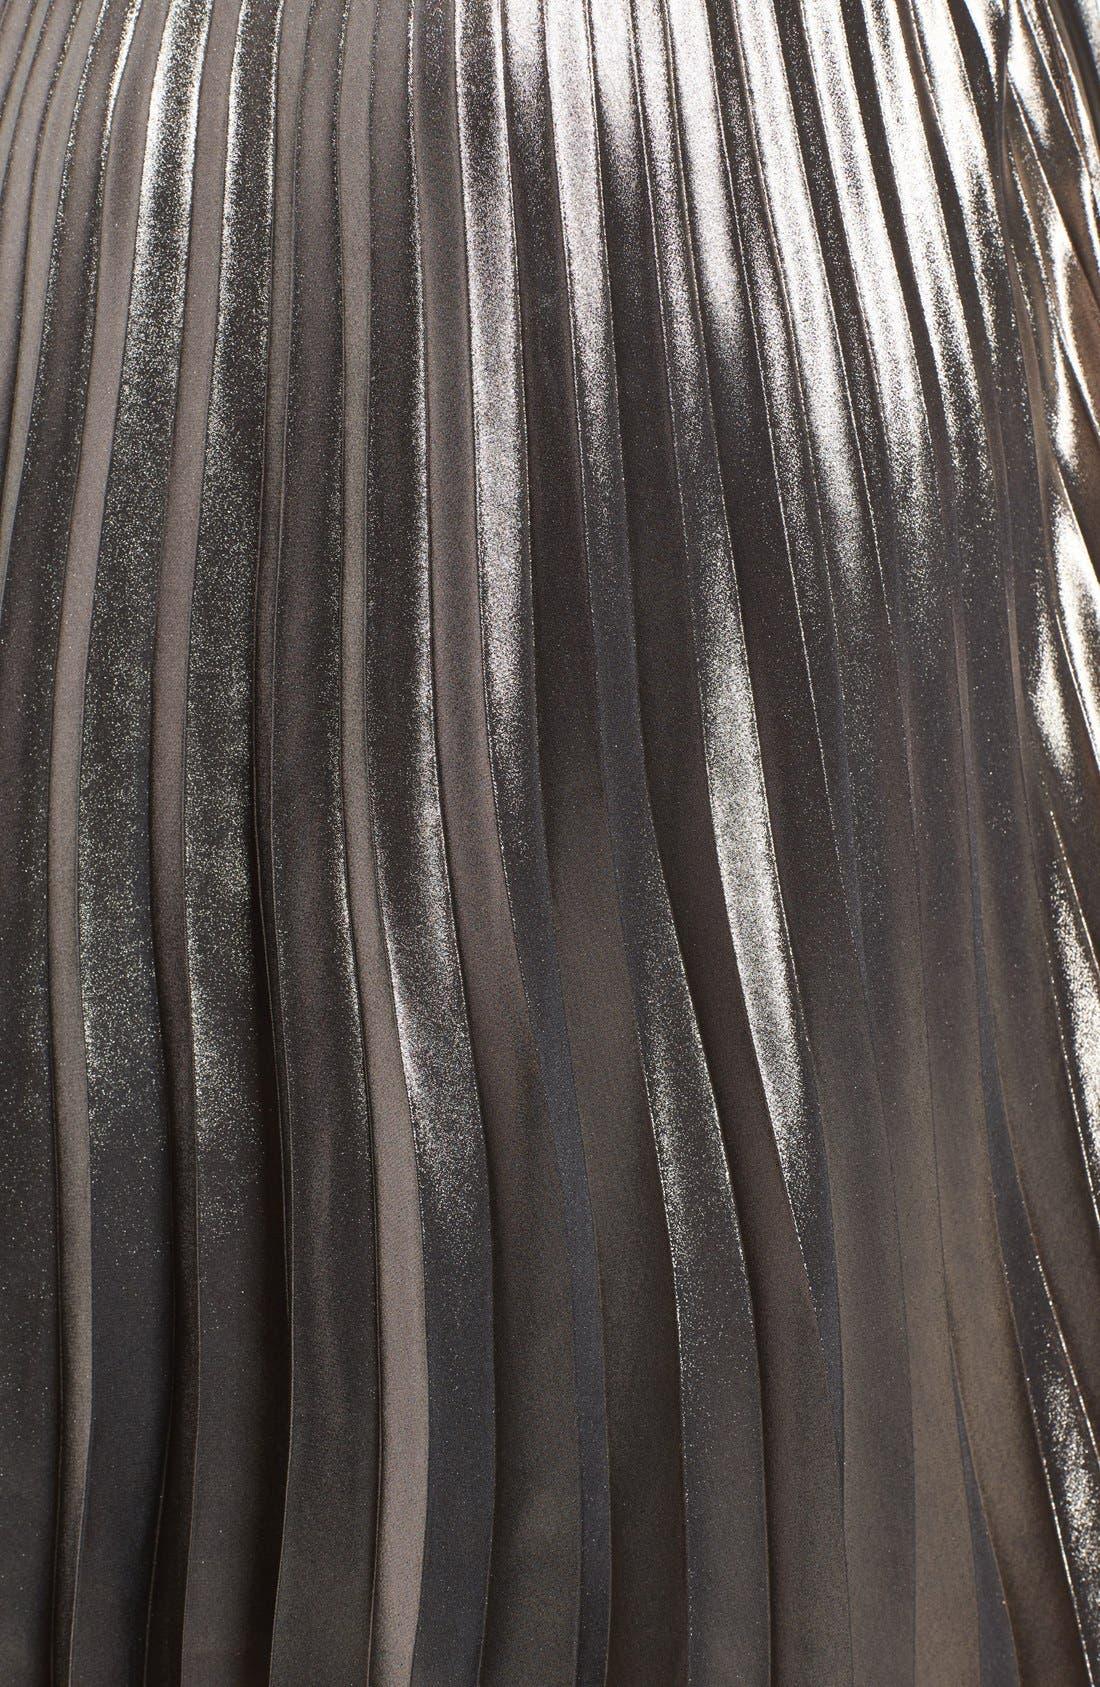 ASTR Celeste Pleated Skirt,                             Alternate thumbnail 6, color,                             224